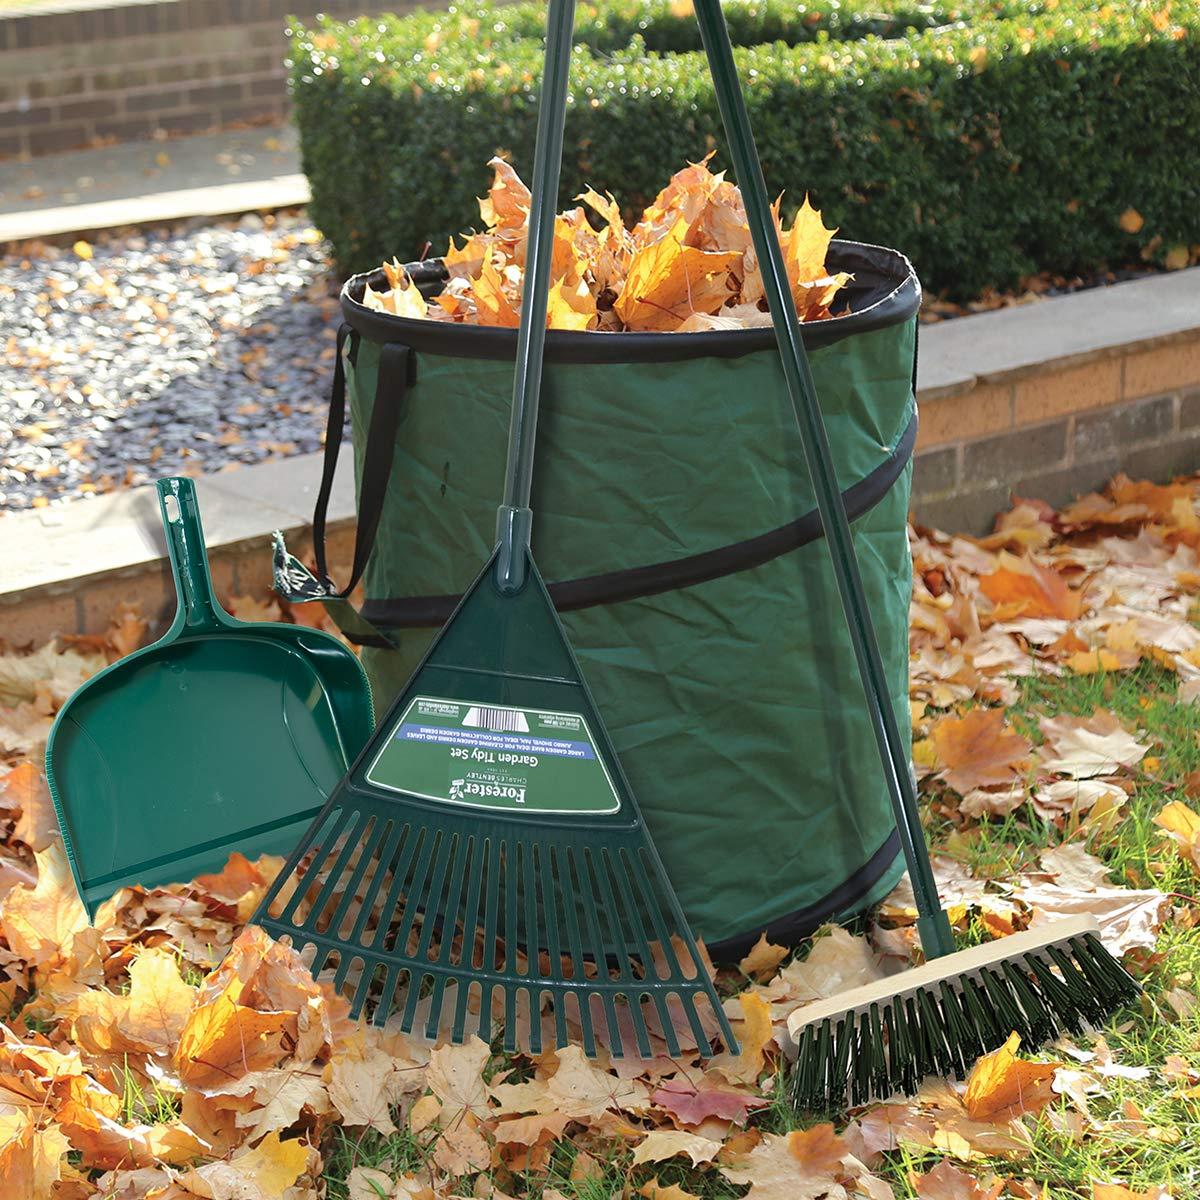 Decor Speed GARDEN TIDY Plastic Outdoor Broom Sweep-Up Loads Of